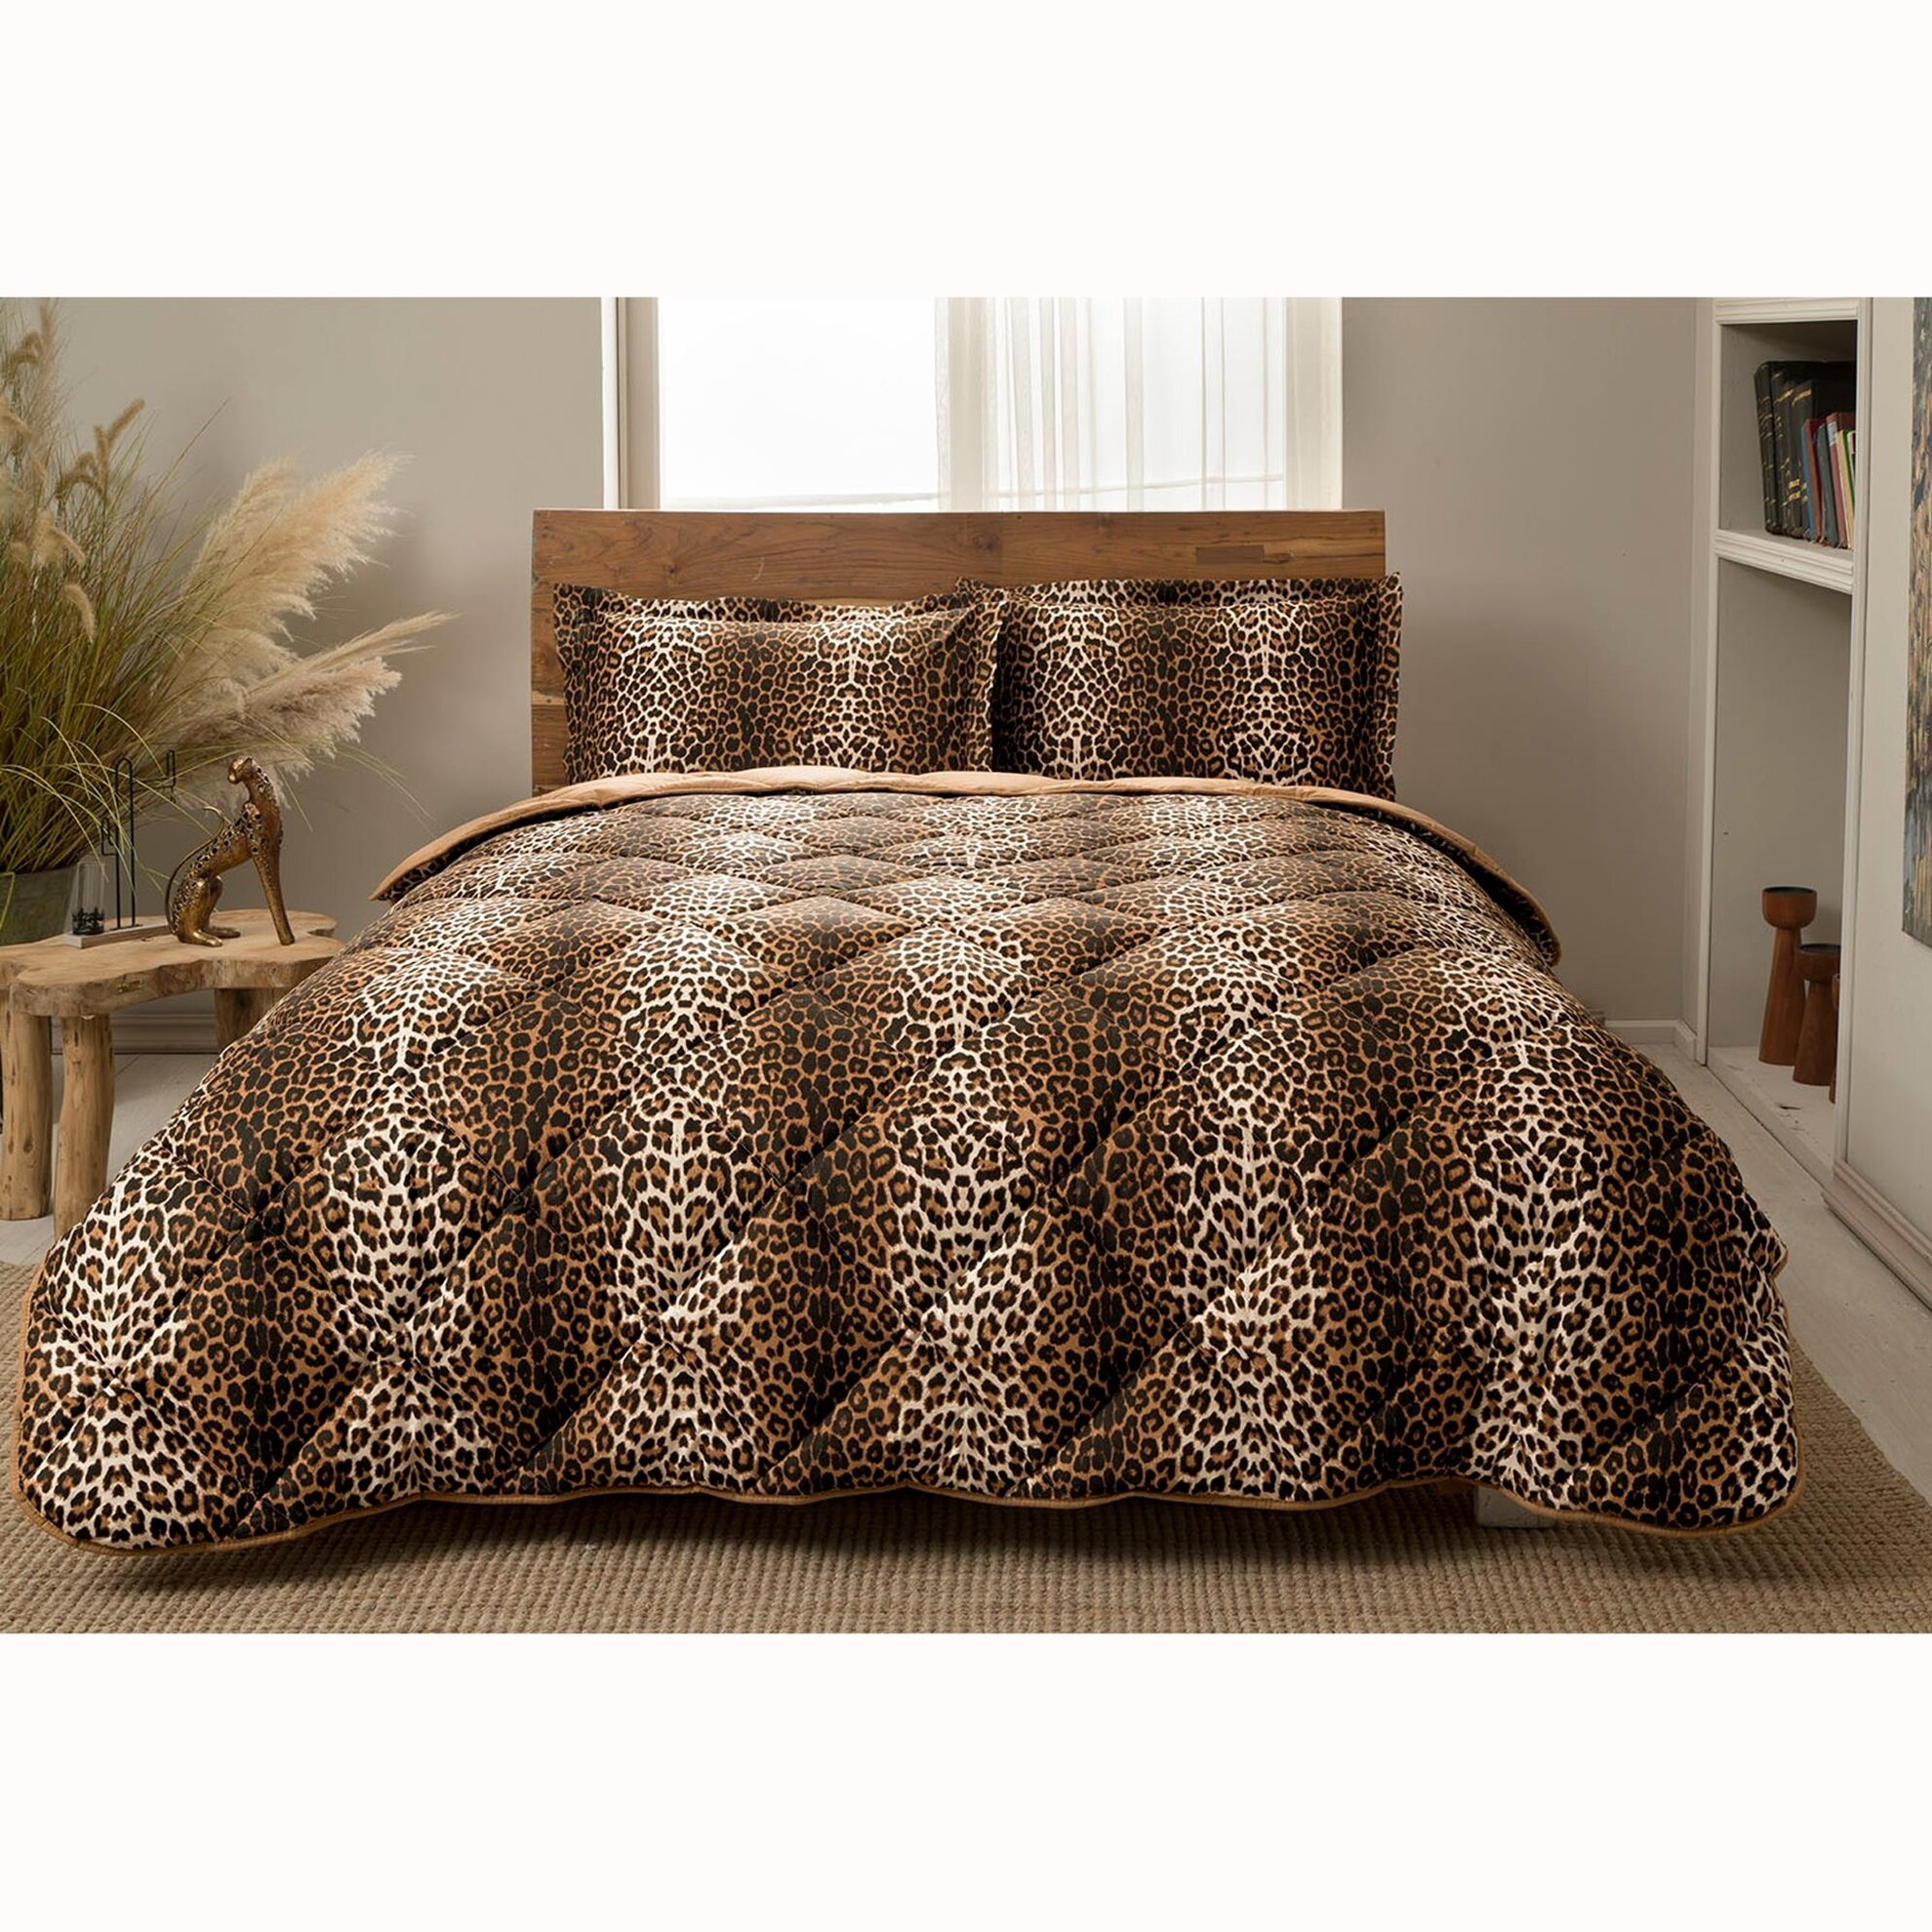 resm Taç Leopard Tek Kişilik Yorgan Seti